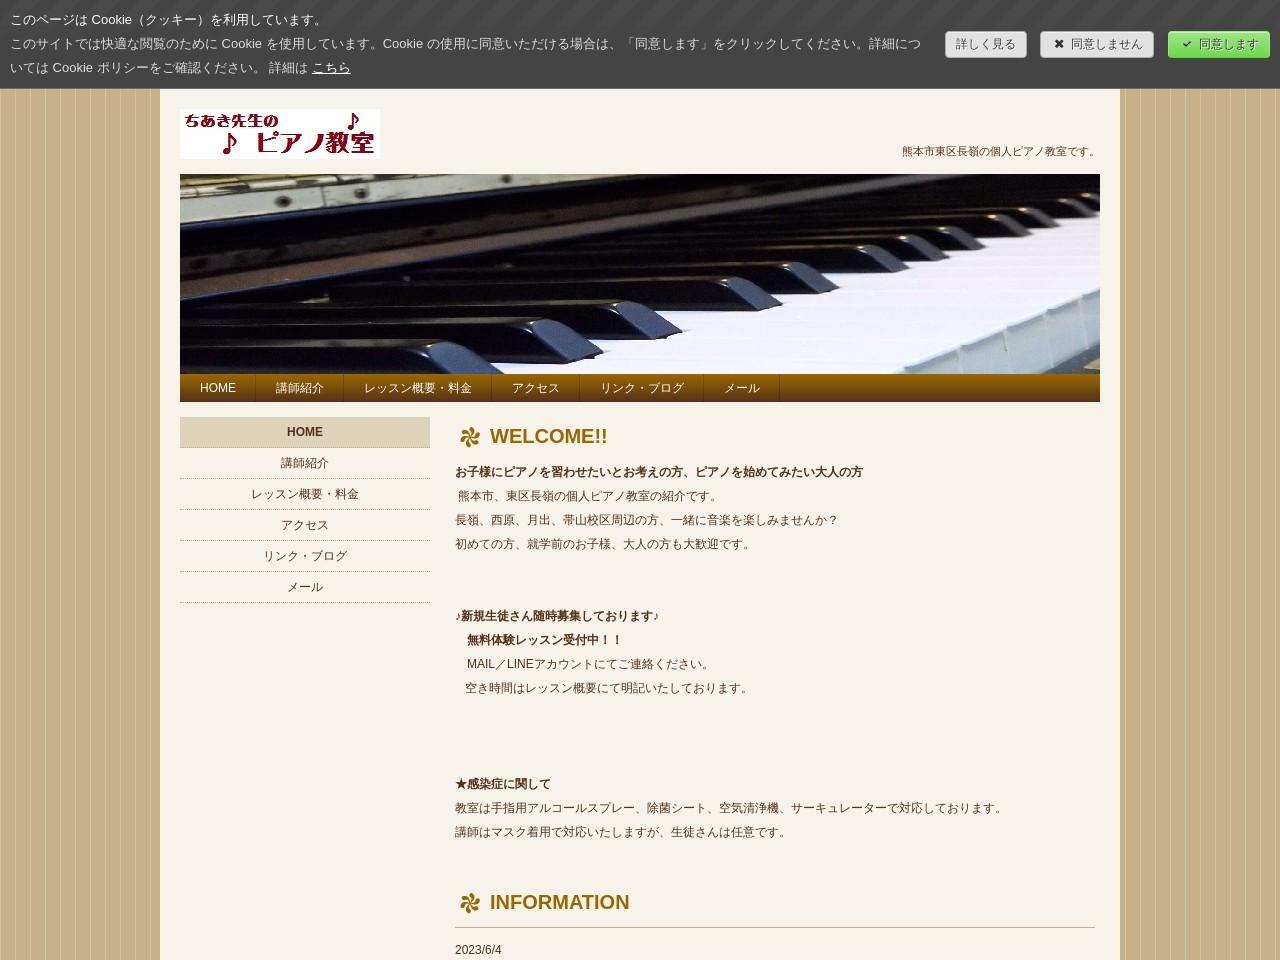 ちあき先生のピアノ教室のサムネイル